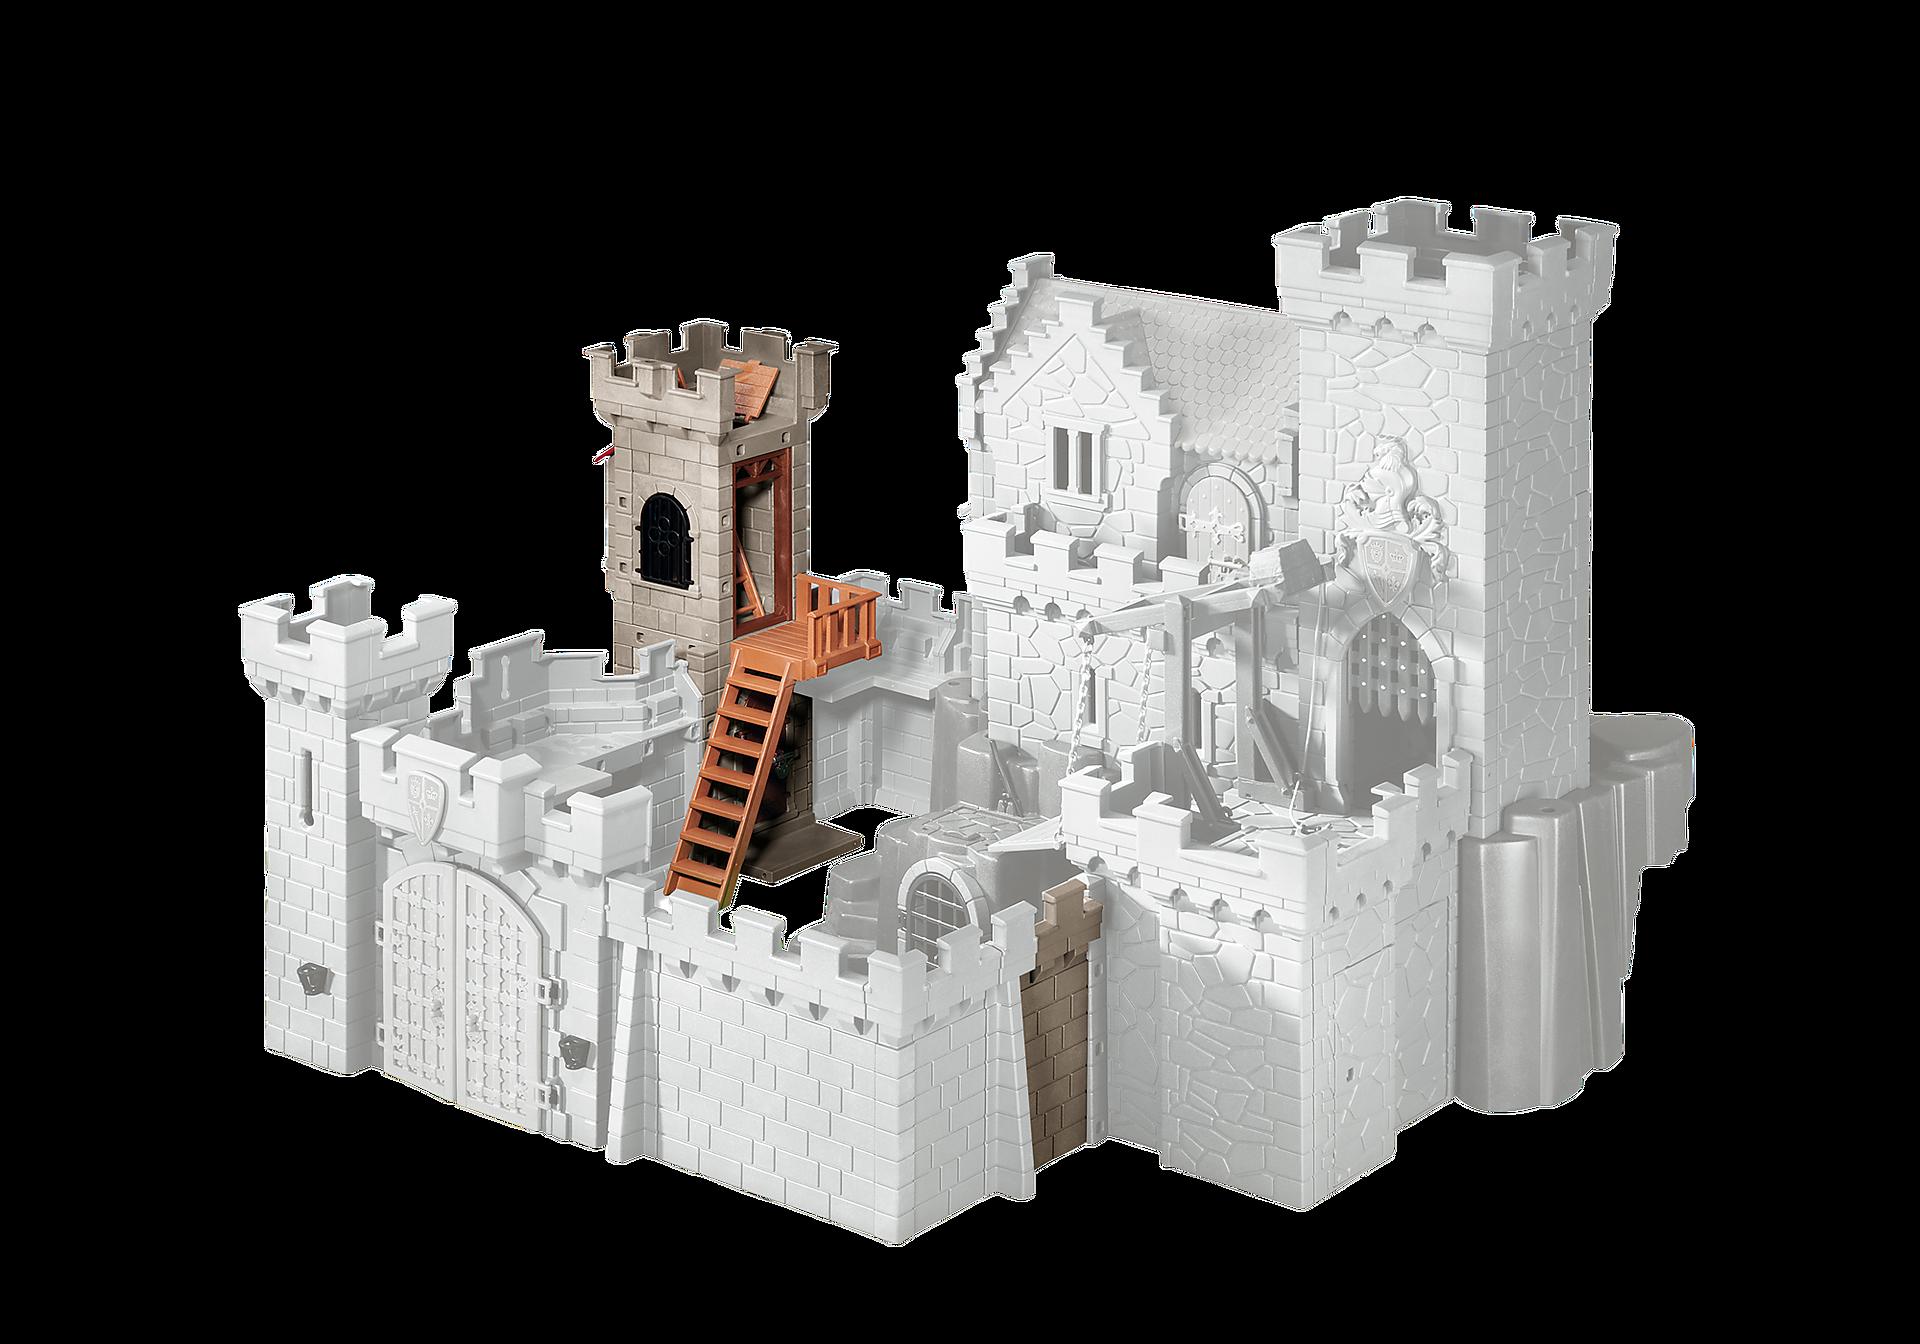 6373 Extensão Torre para o Castelo dos Cavaleiros do Leão Real e o Castelo dos Cavaleiros do Falcão zoom image1